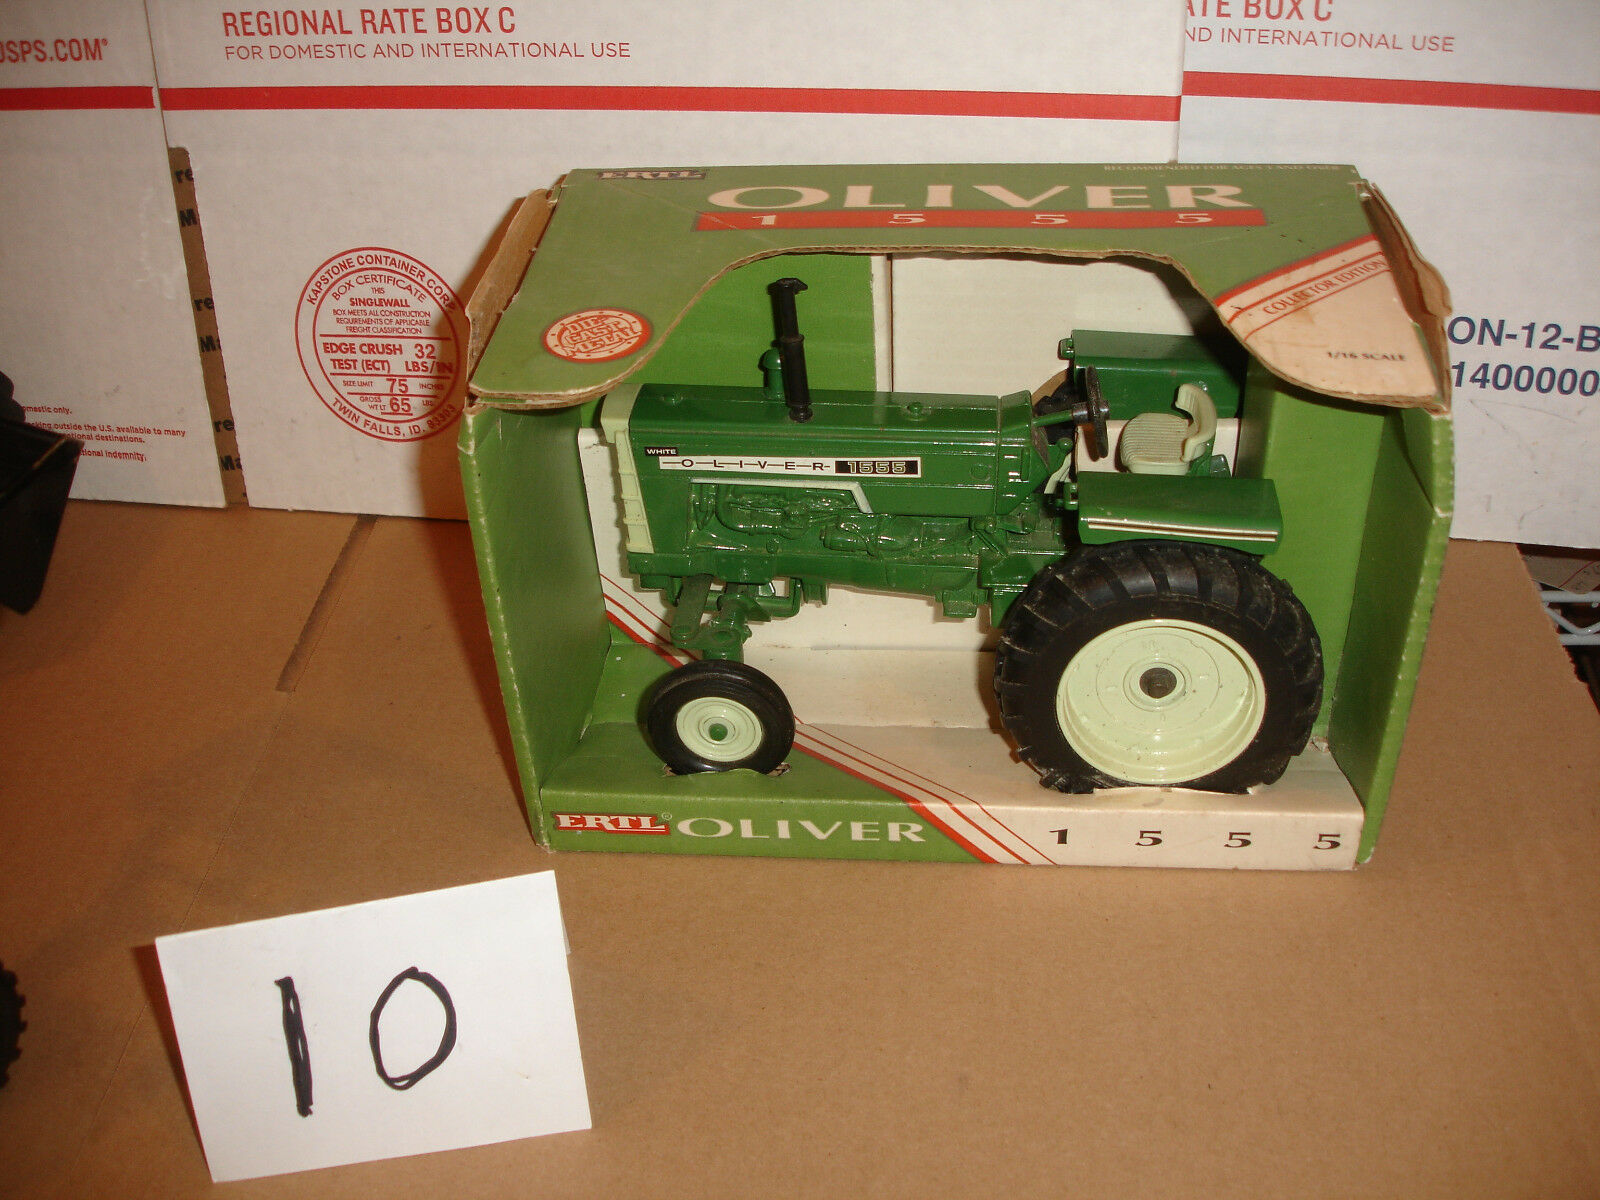 1/16 Tractor De Juguete delantero Oliver 1555 de ancho